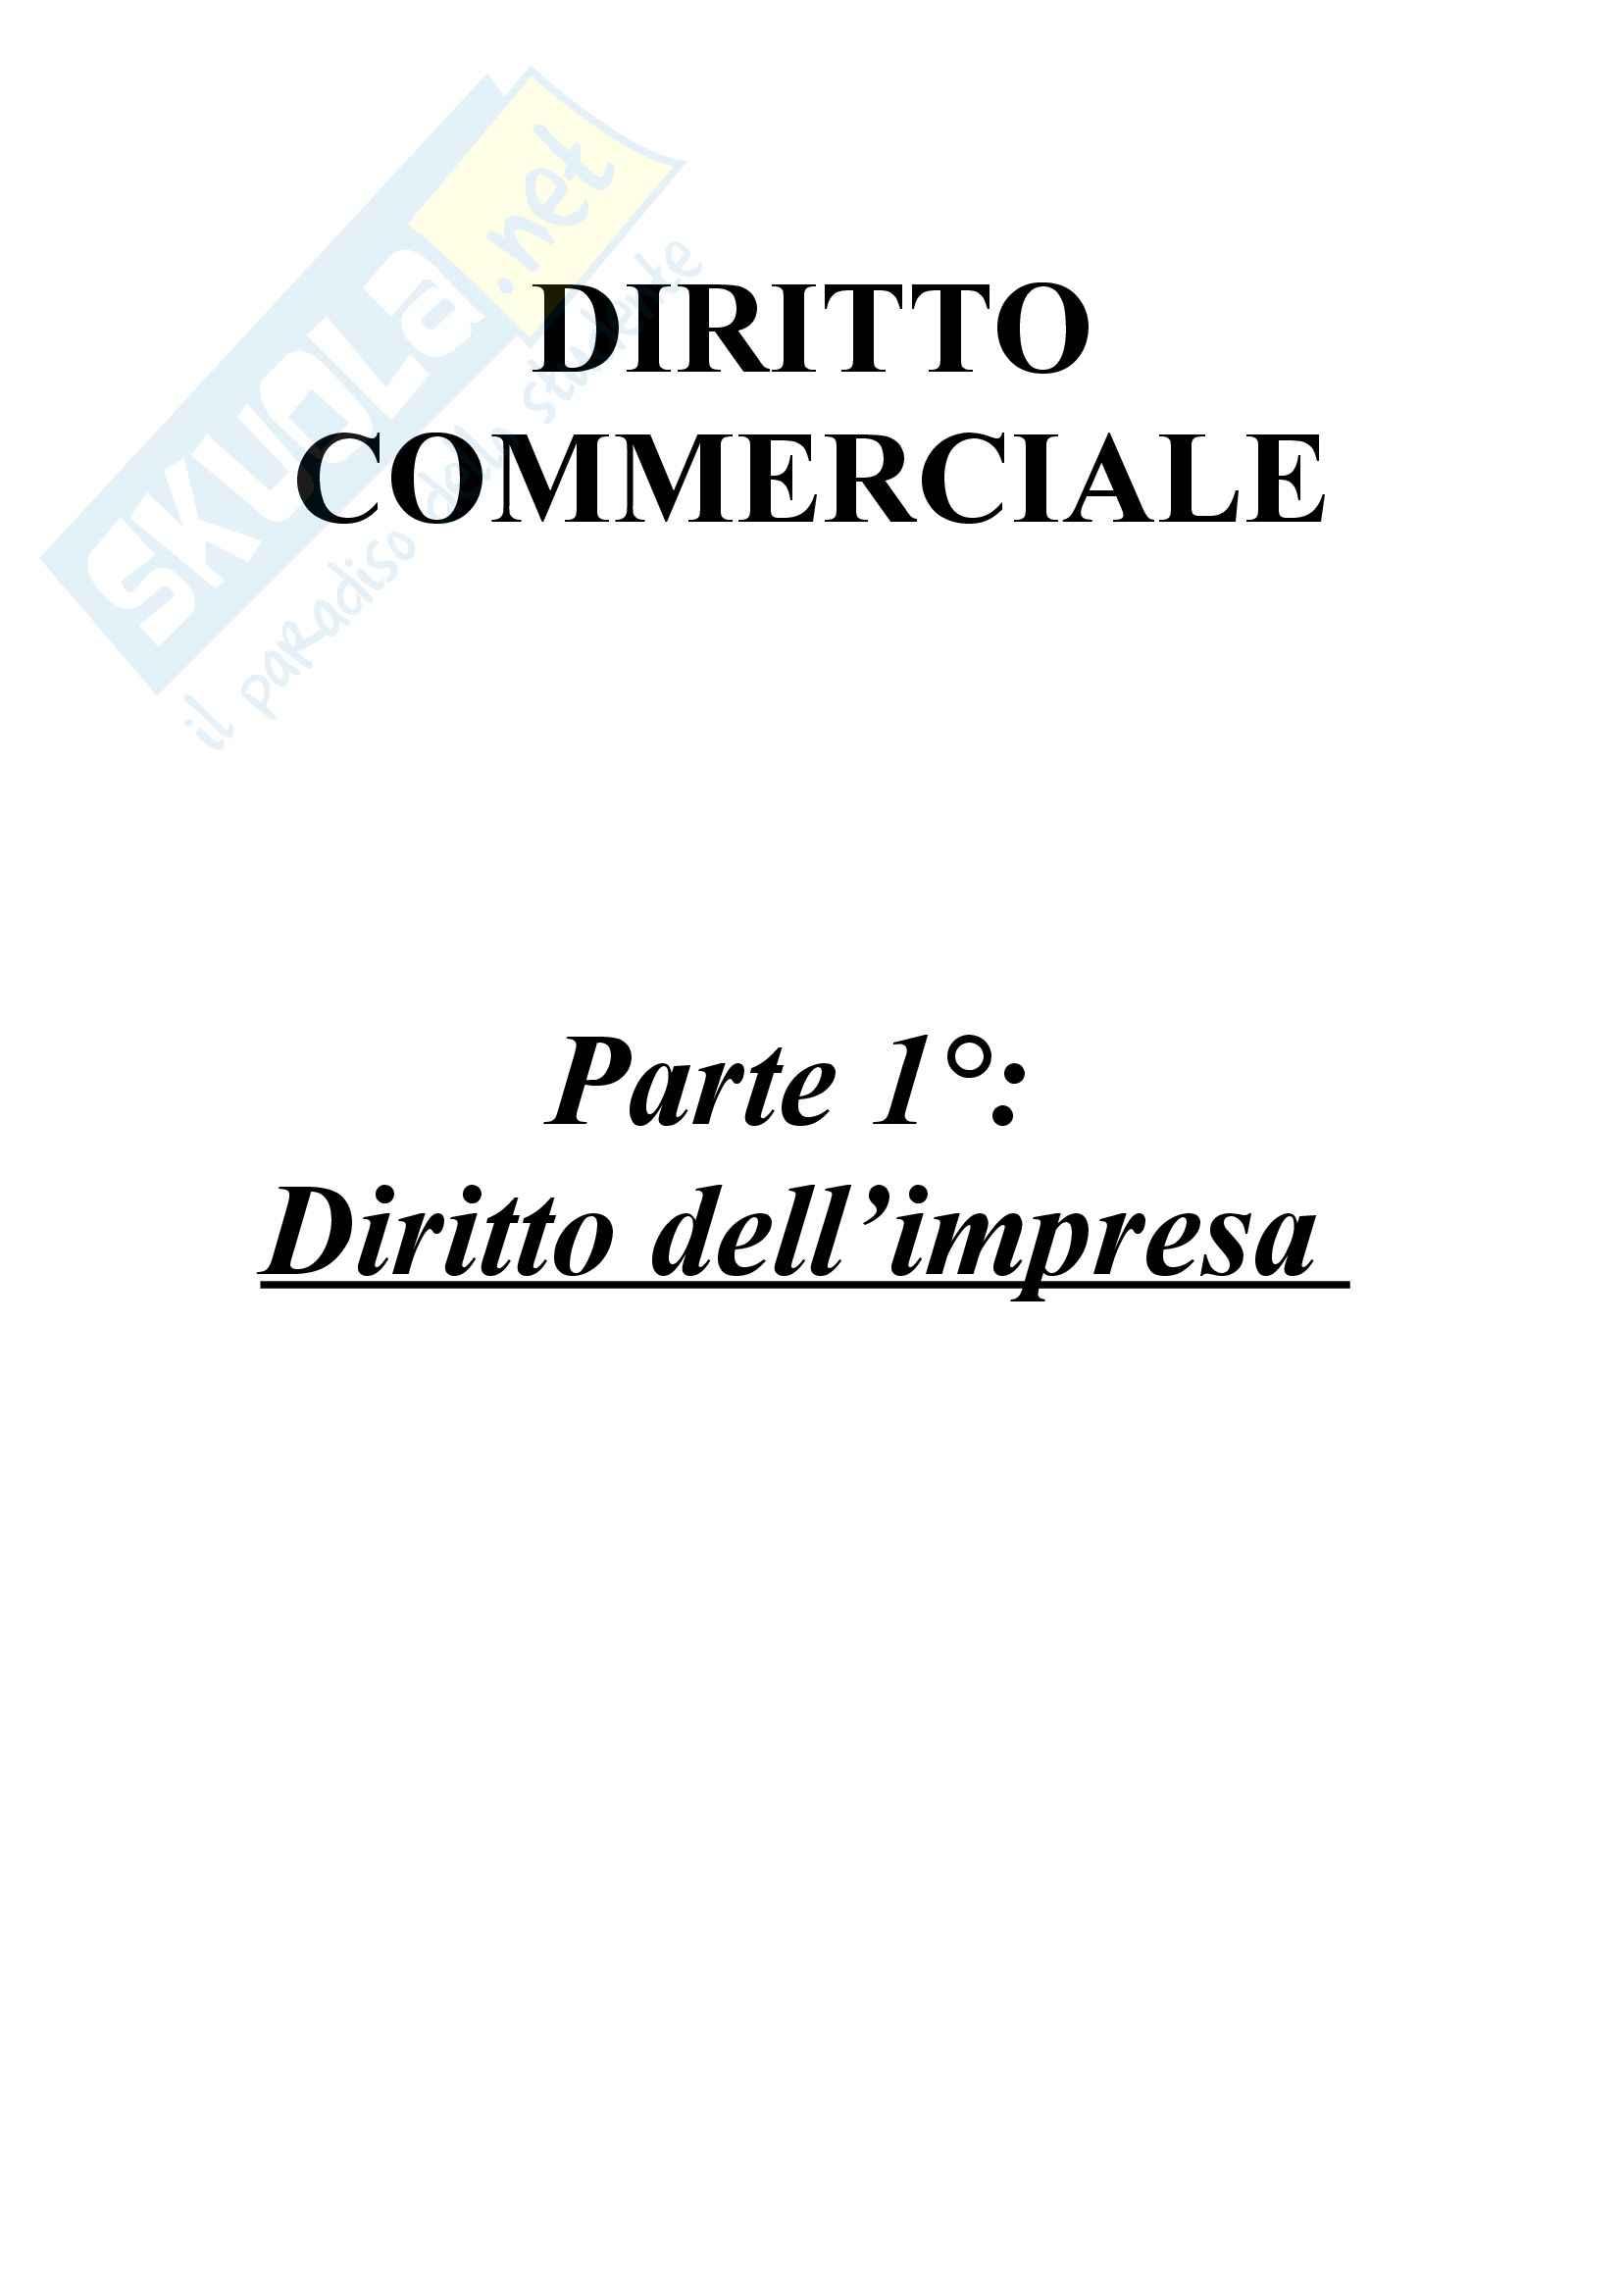 Diritto commerciale - imprenditore